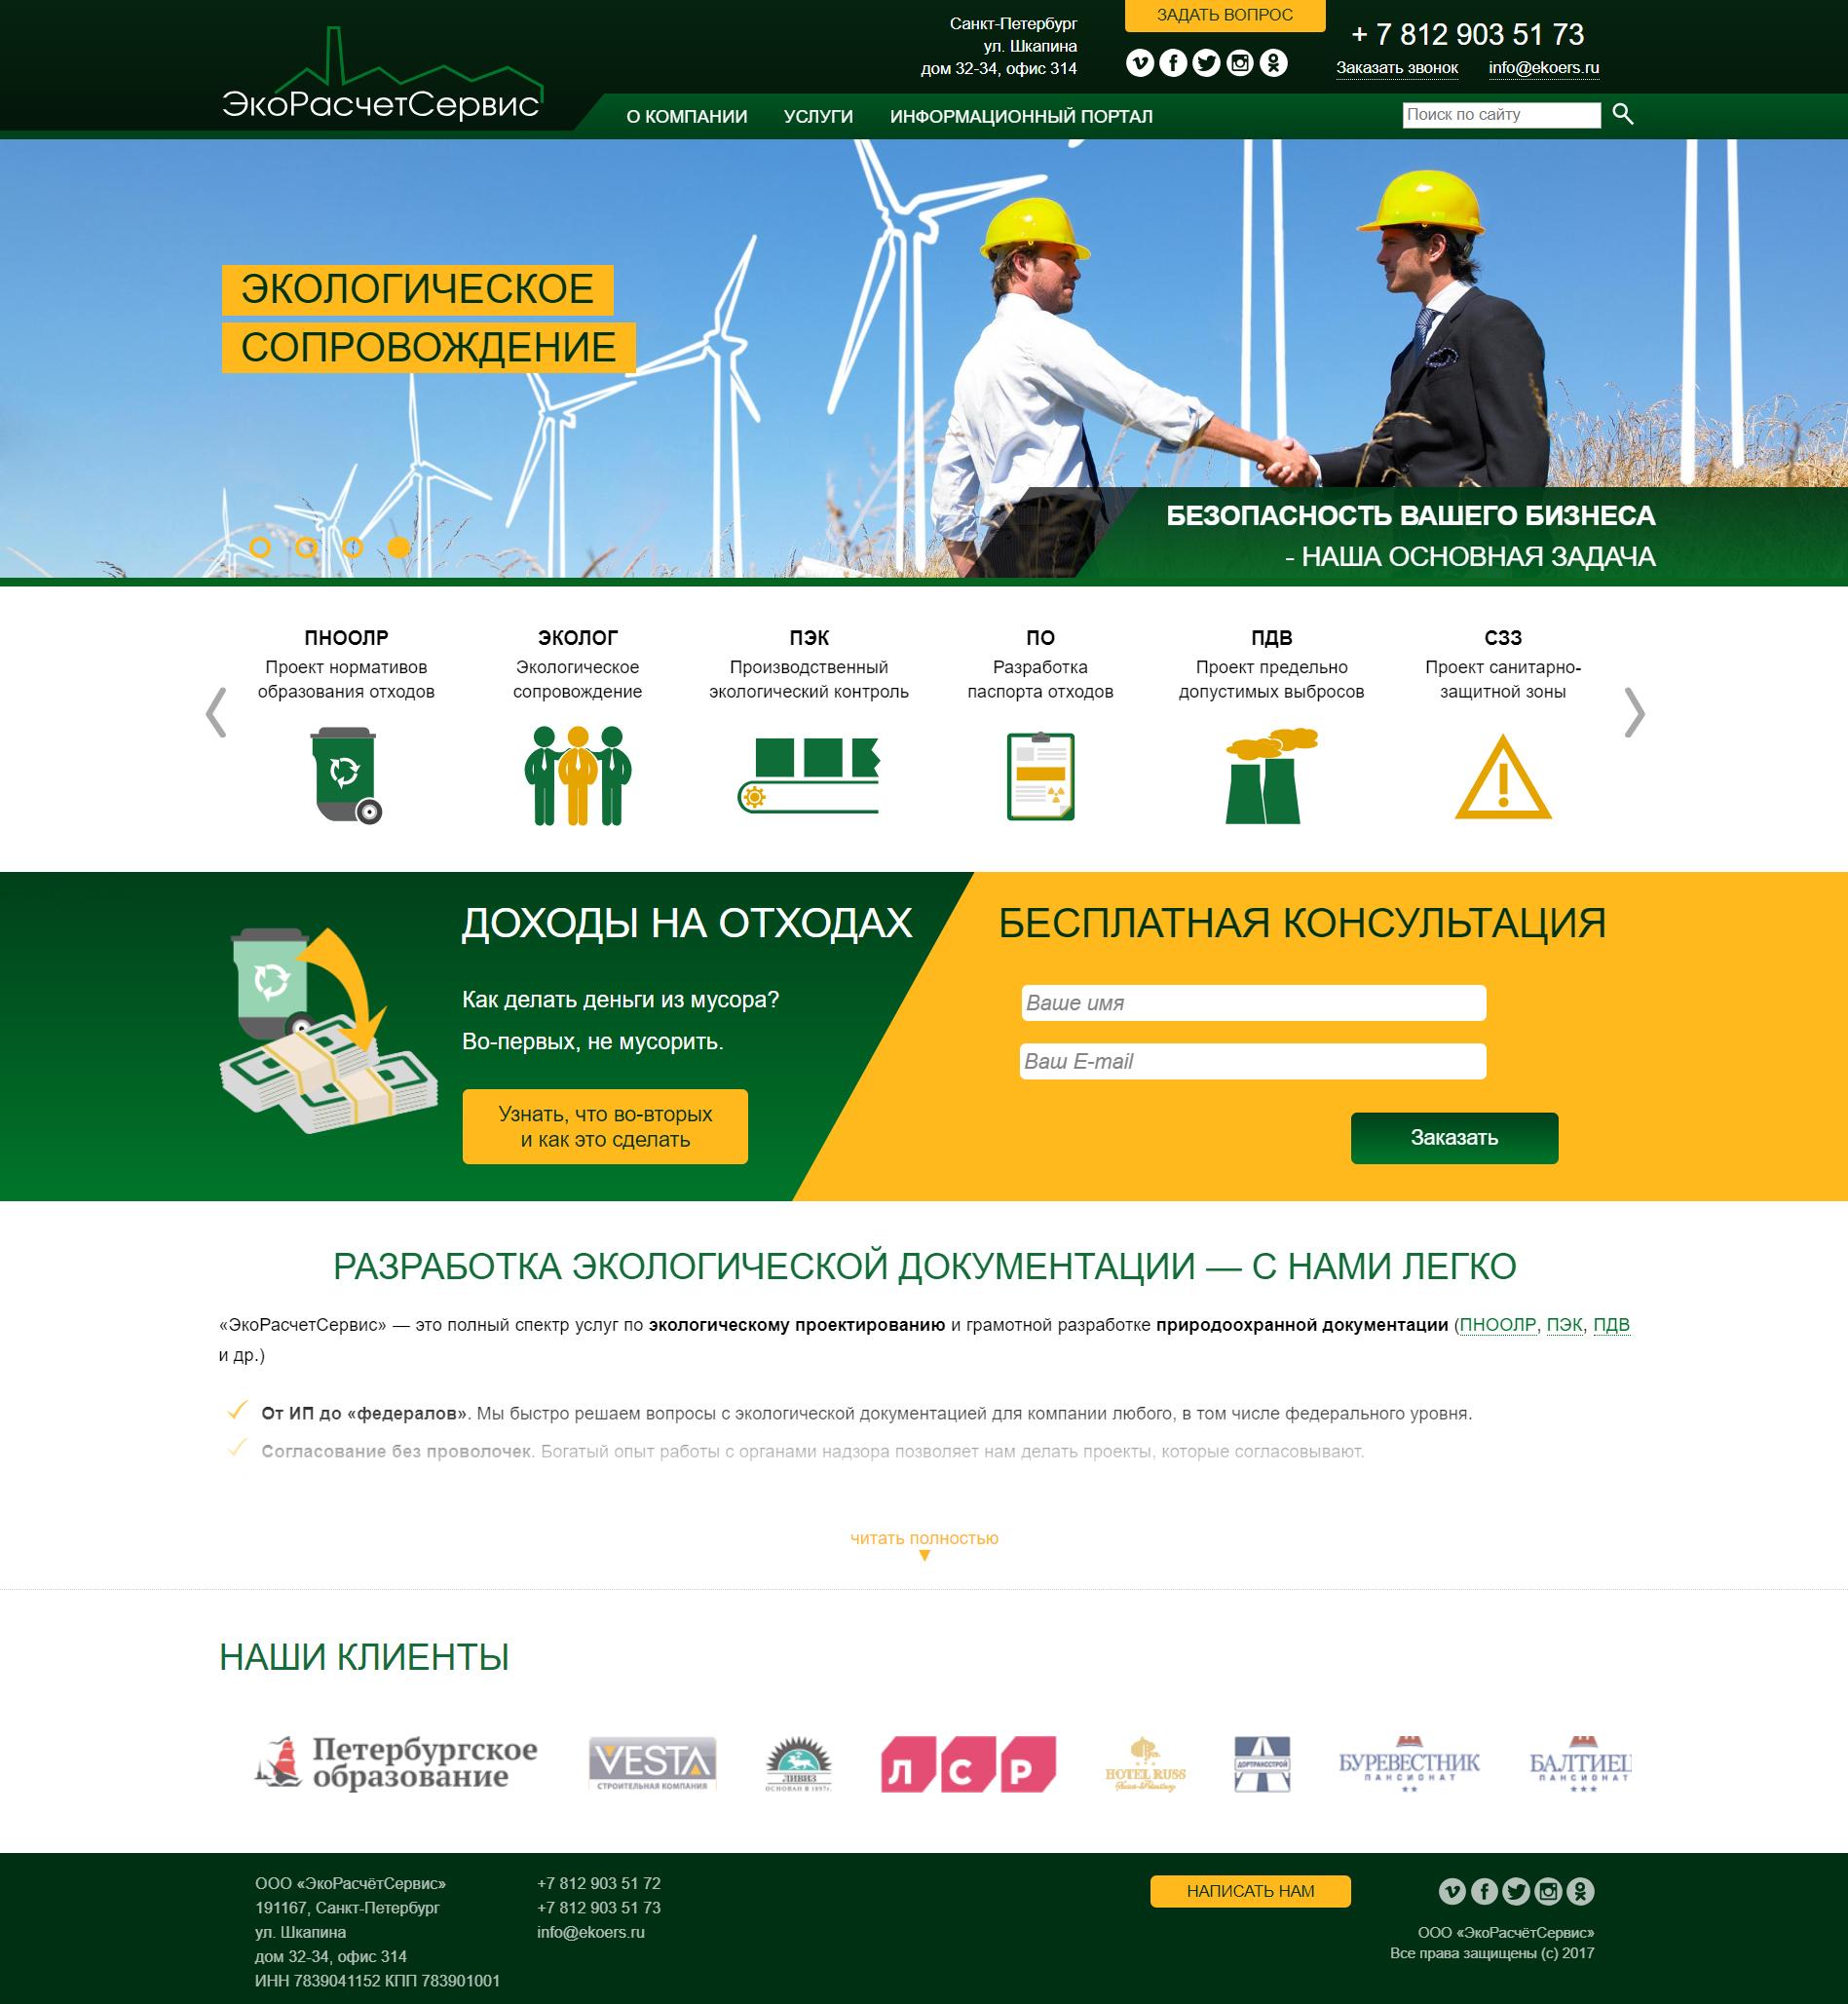 Сайт-визитка для ЭкоРасчётСервис